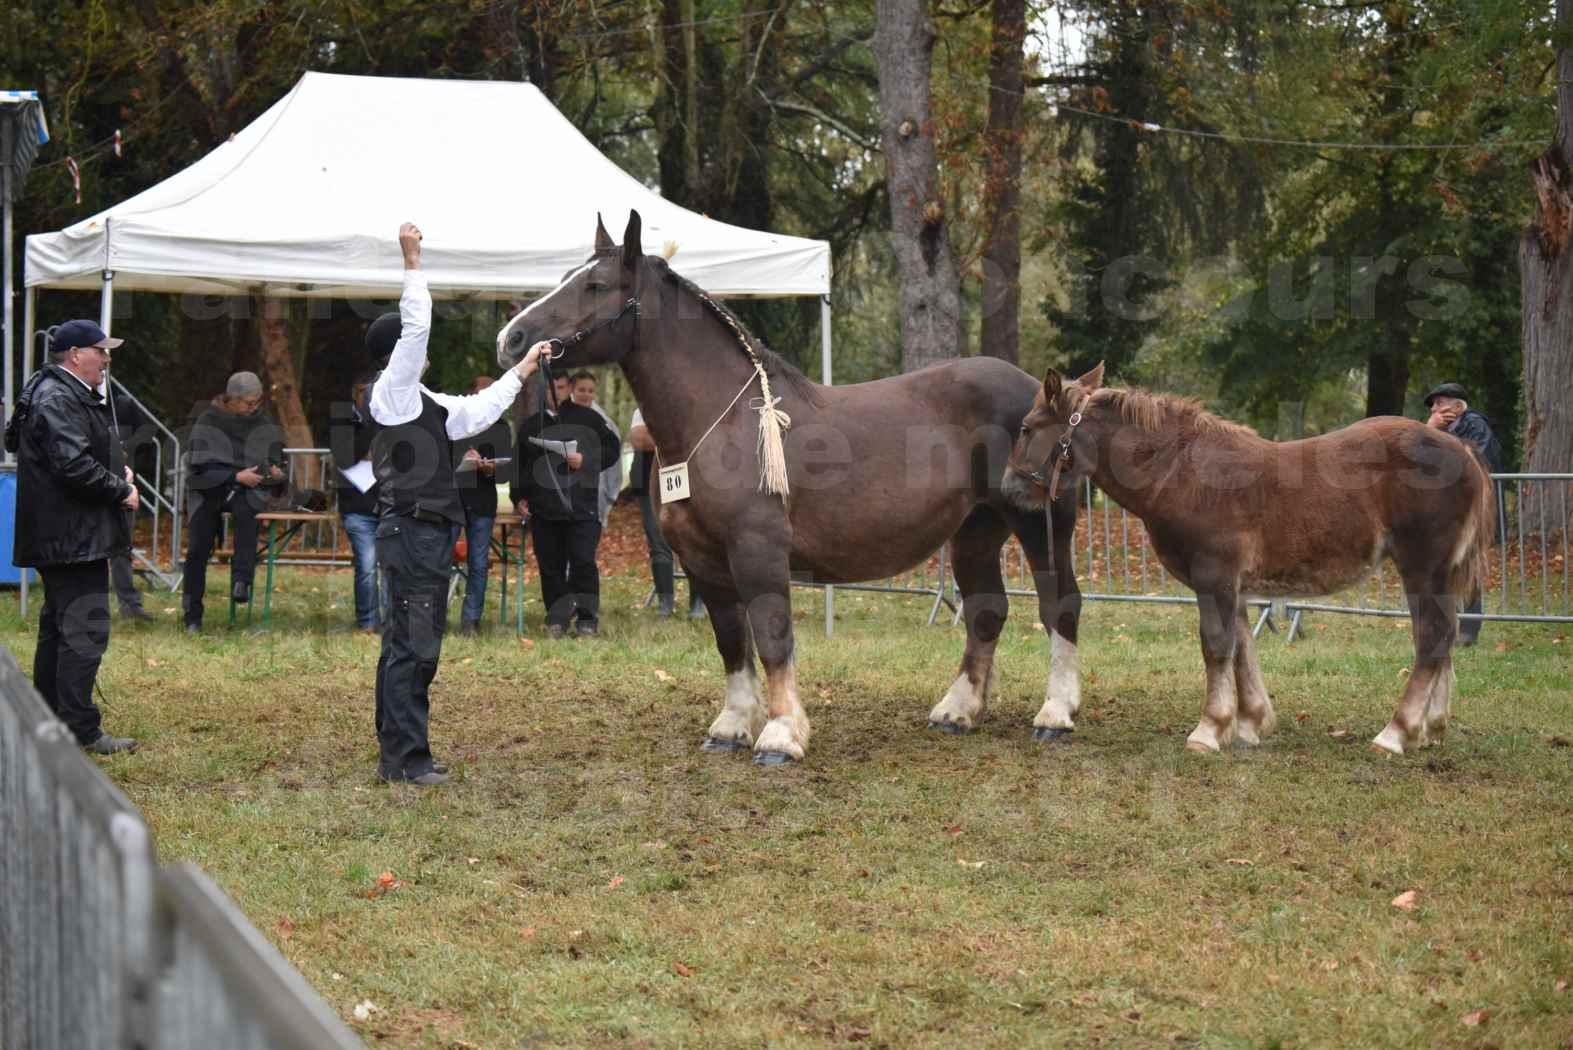 Concours Régional de chevaux de traits en 2017 - Jument & Poulain Trait BRETON - DIANE 18 - 06